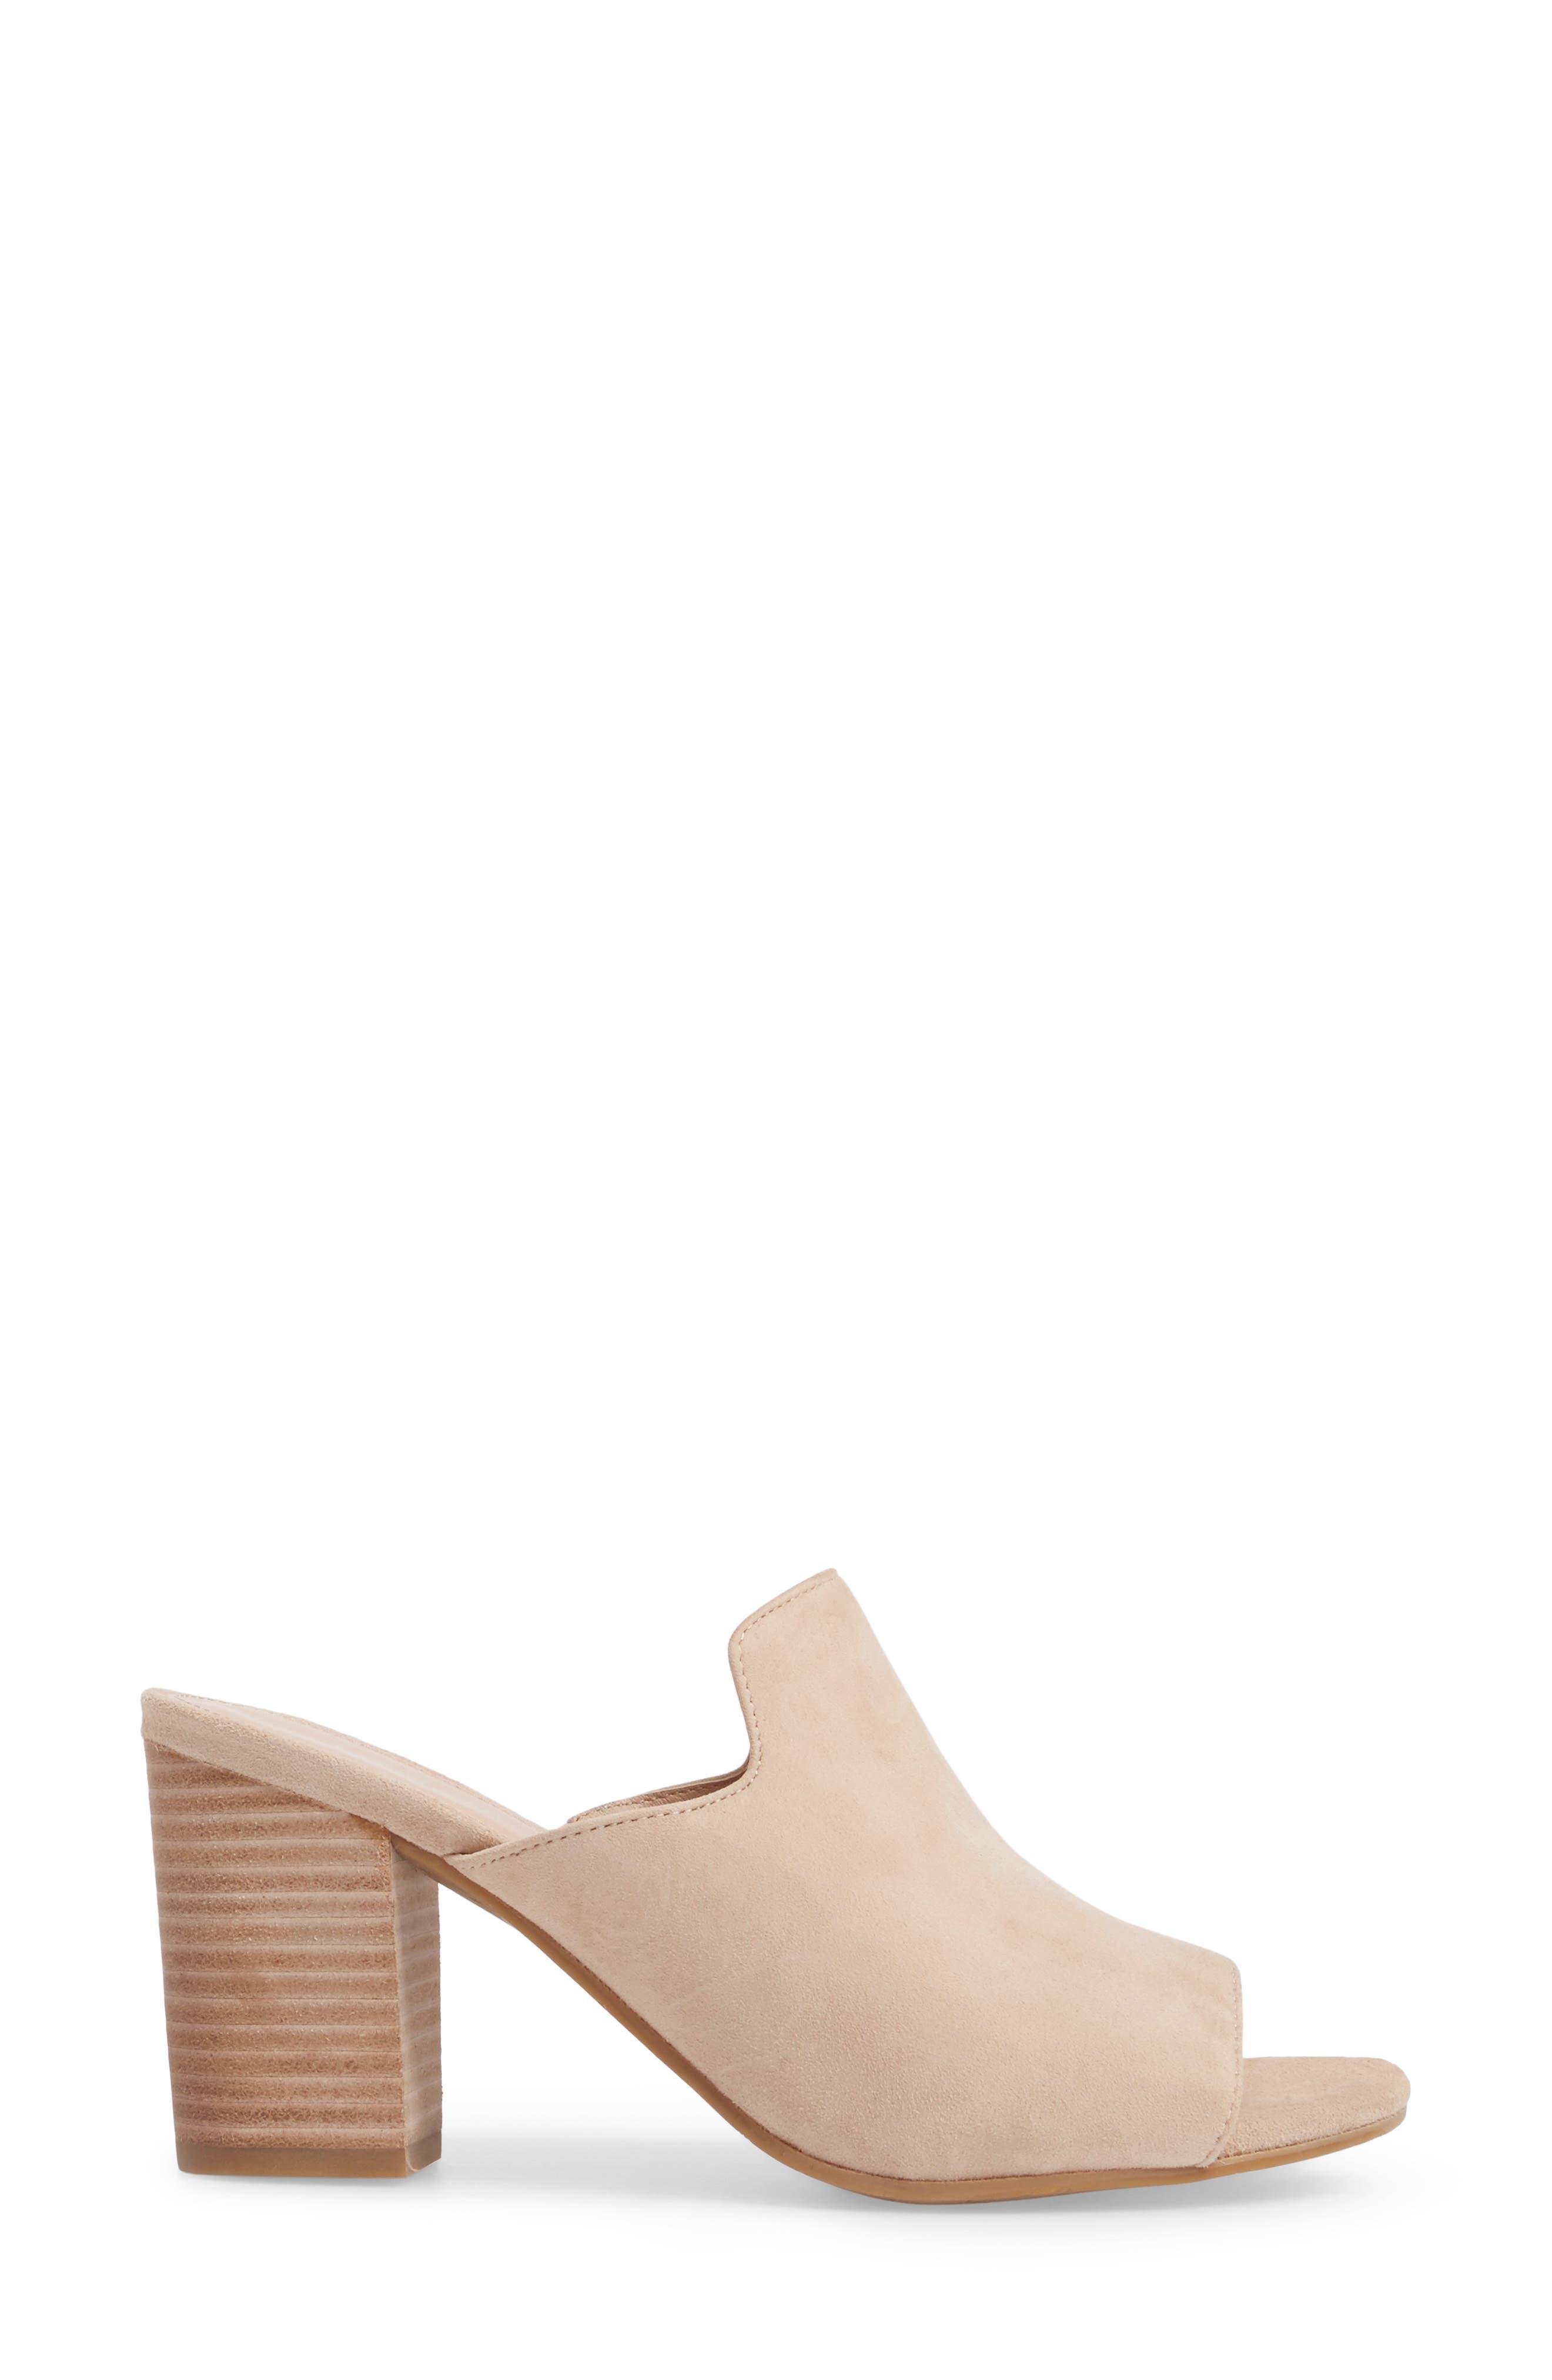 Blair Peep Toe Mule,                             Alternate thumbnail 3, color,                             Sand Leather